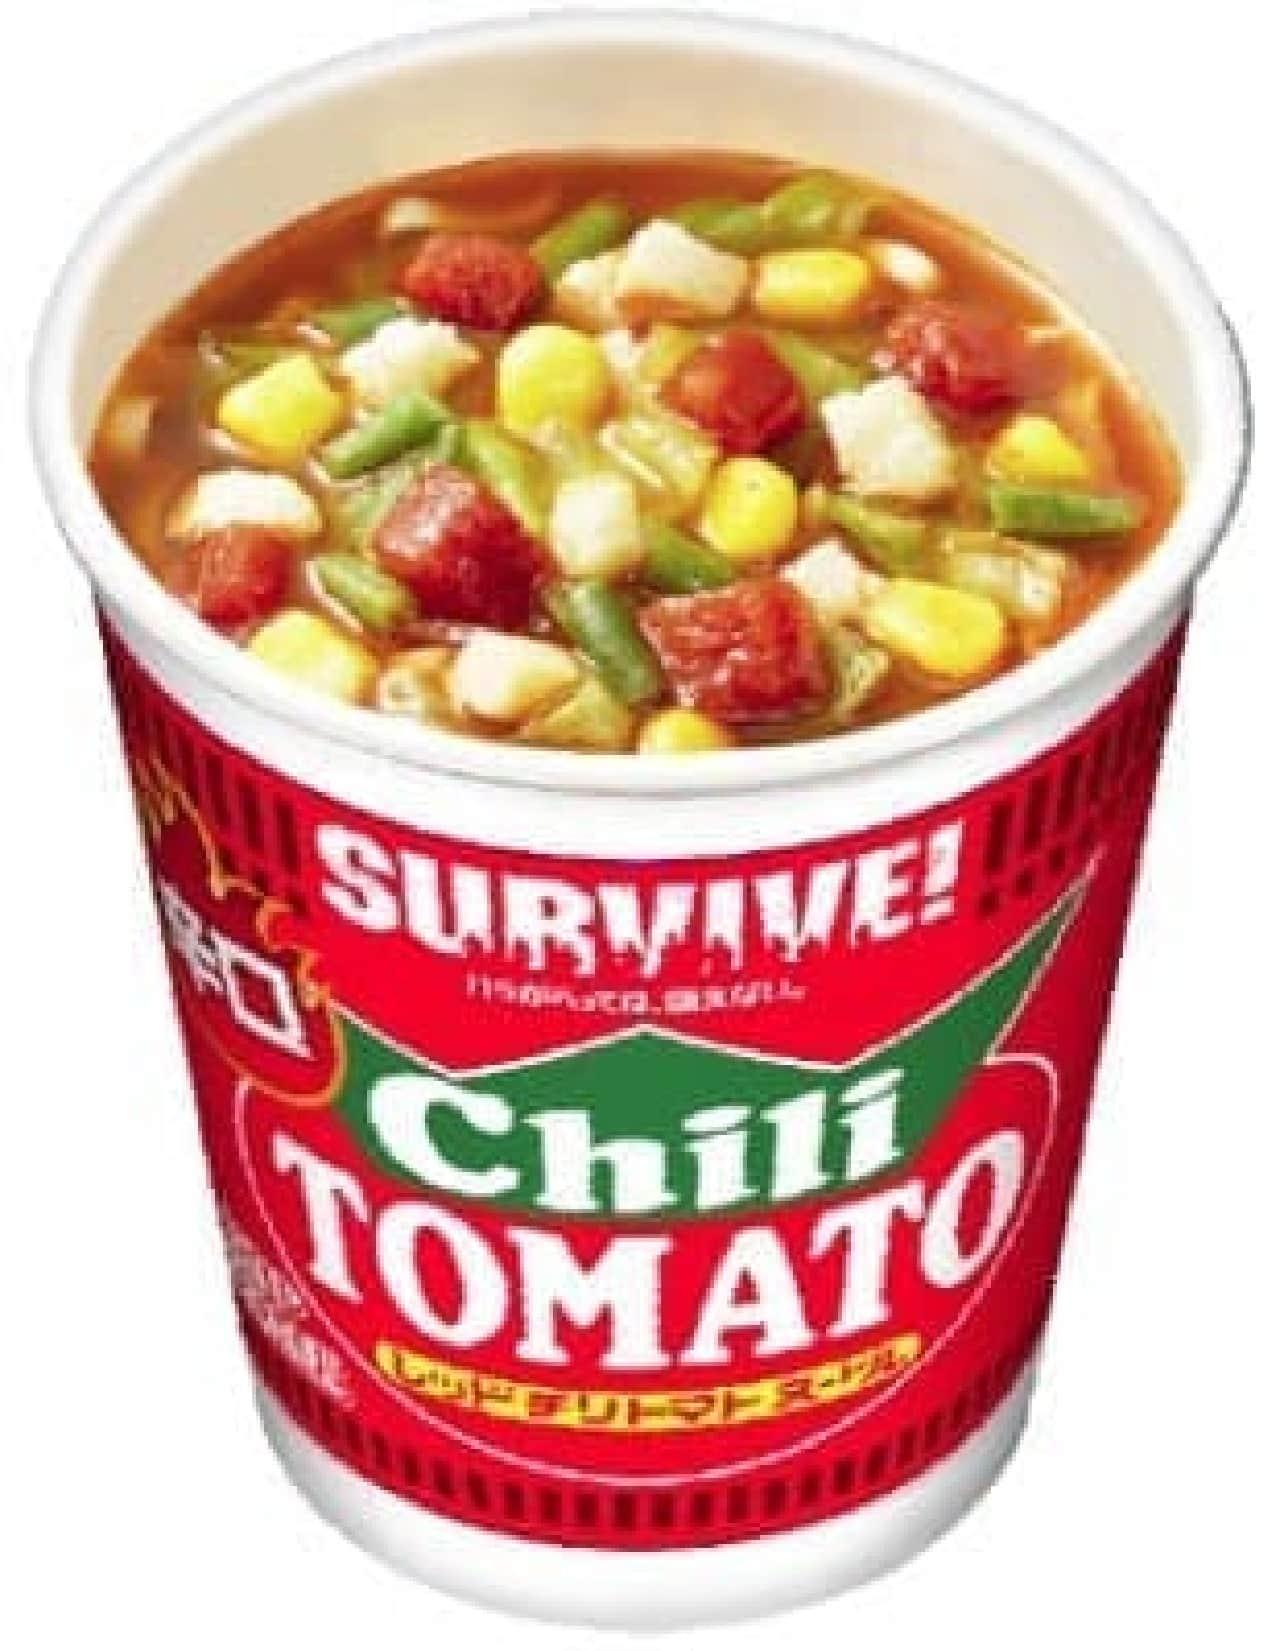 辛さ&赤色増量!5倍辛い「チリトマトヌードル」